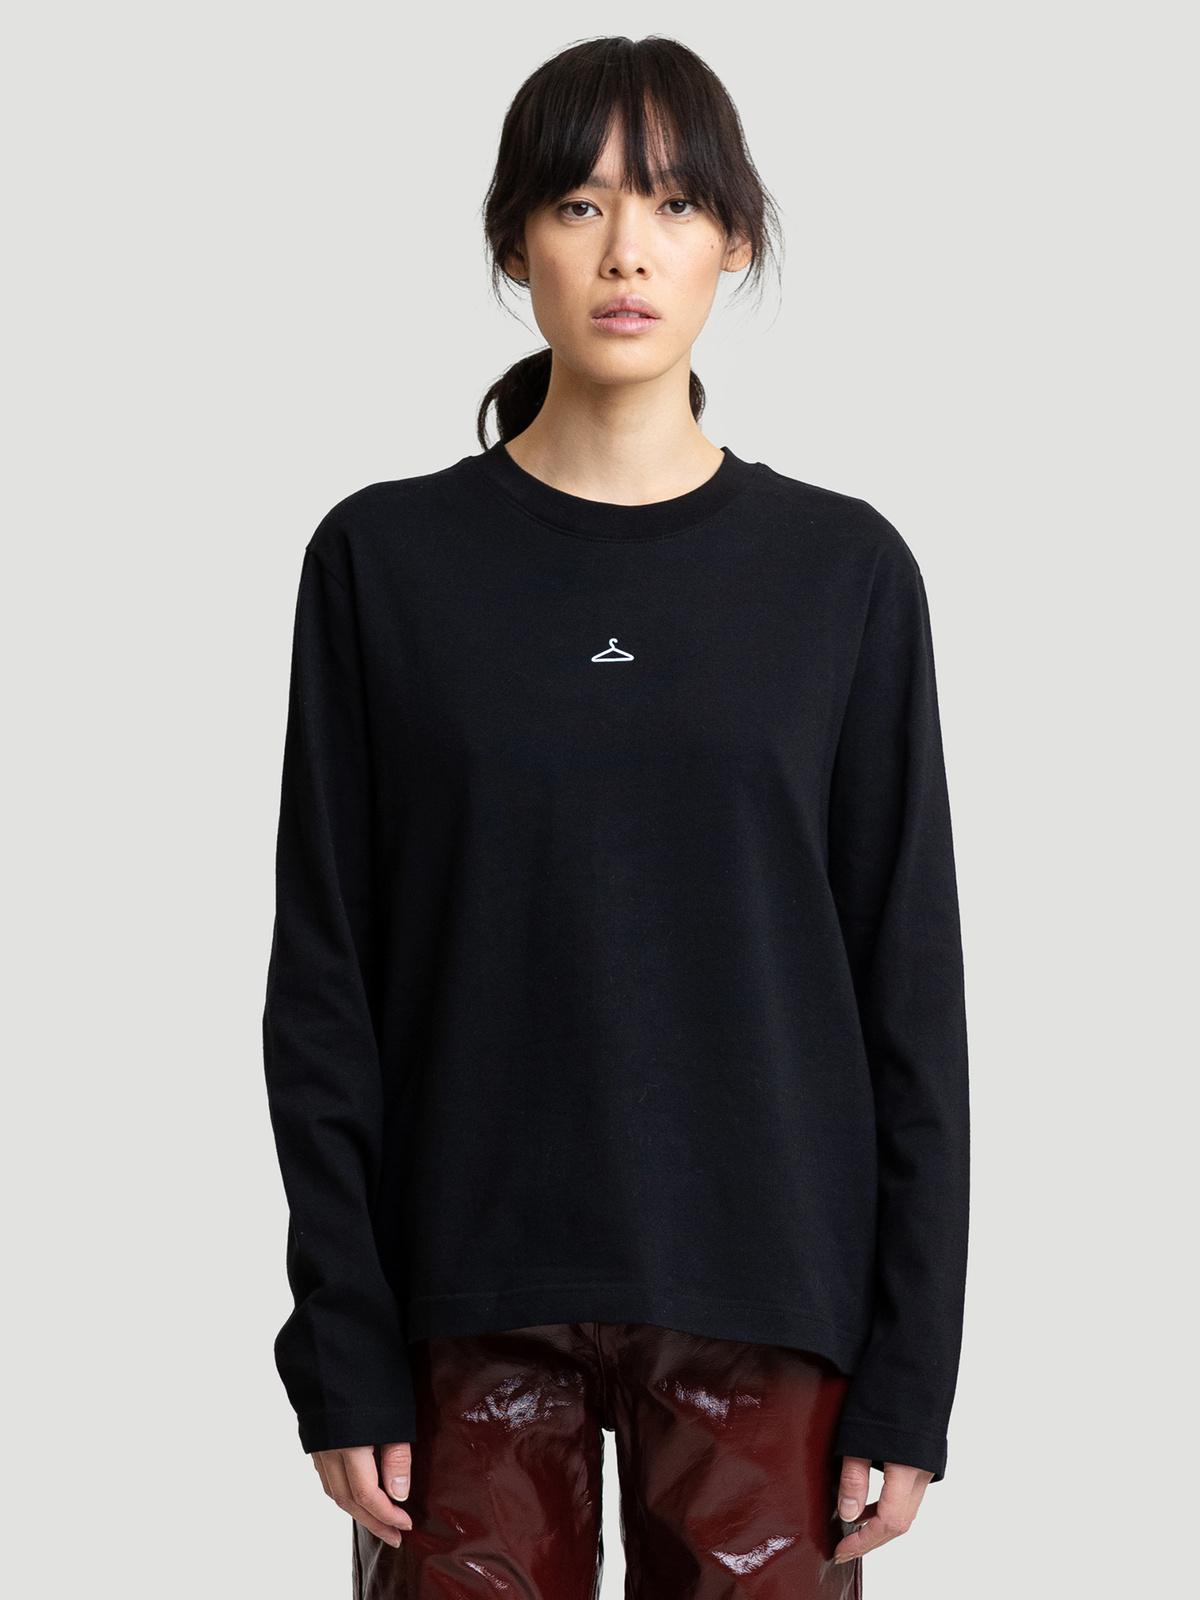 Hanger Longsleeve Black 5